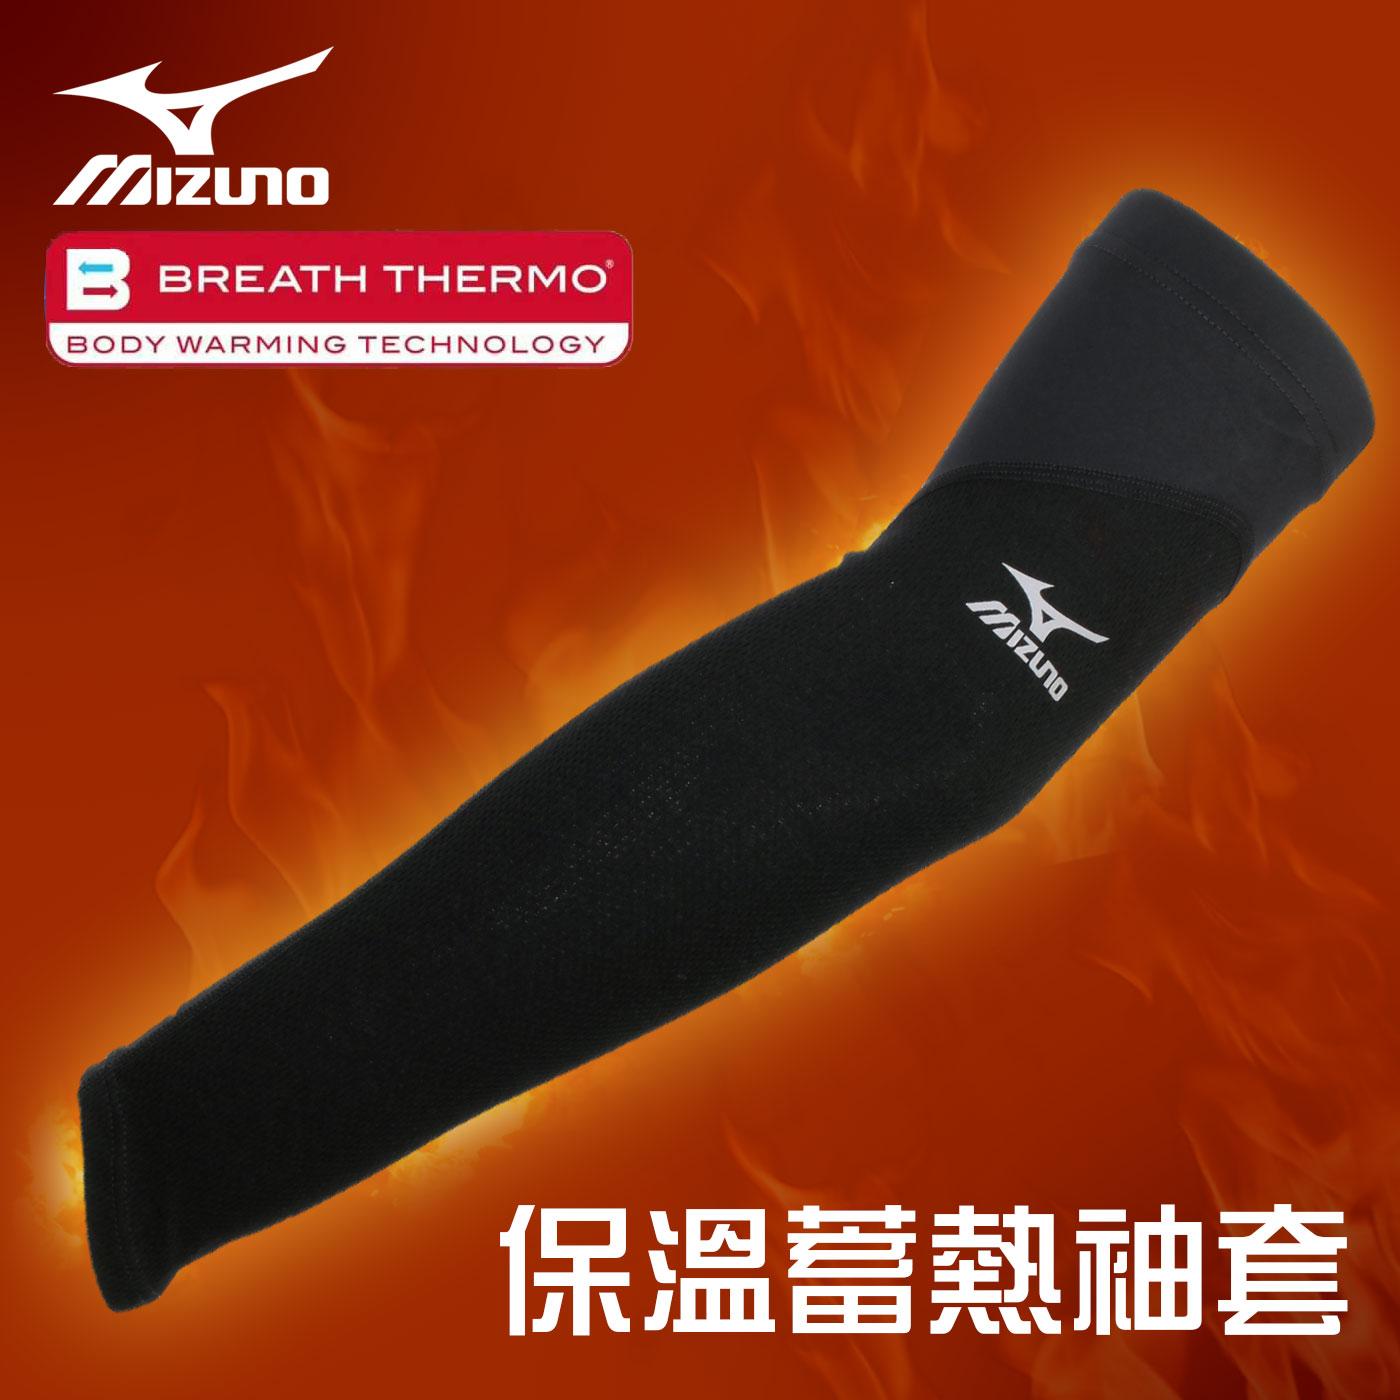 MIZUNO 特定-發熱袖套 (單車 自行車 保暖 蓄熱 美津濃【98250227】≡排汗專家≡